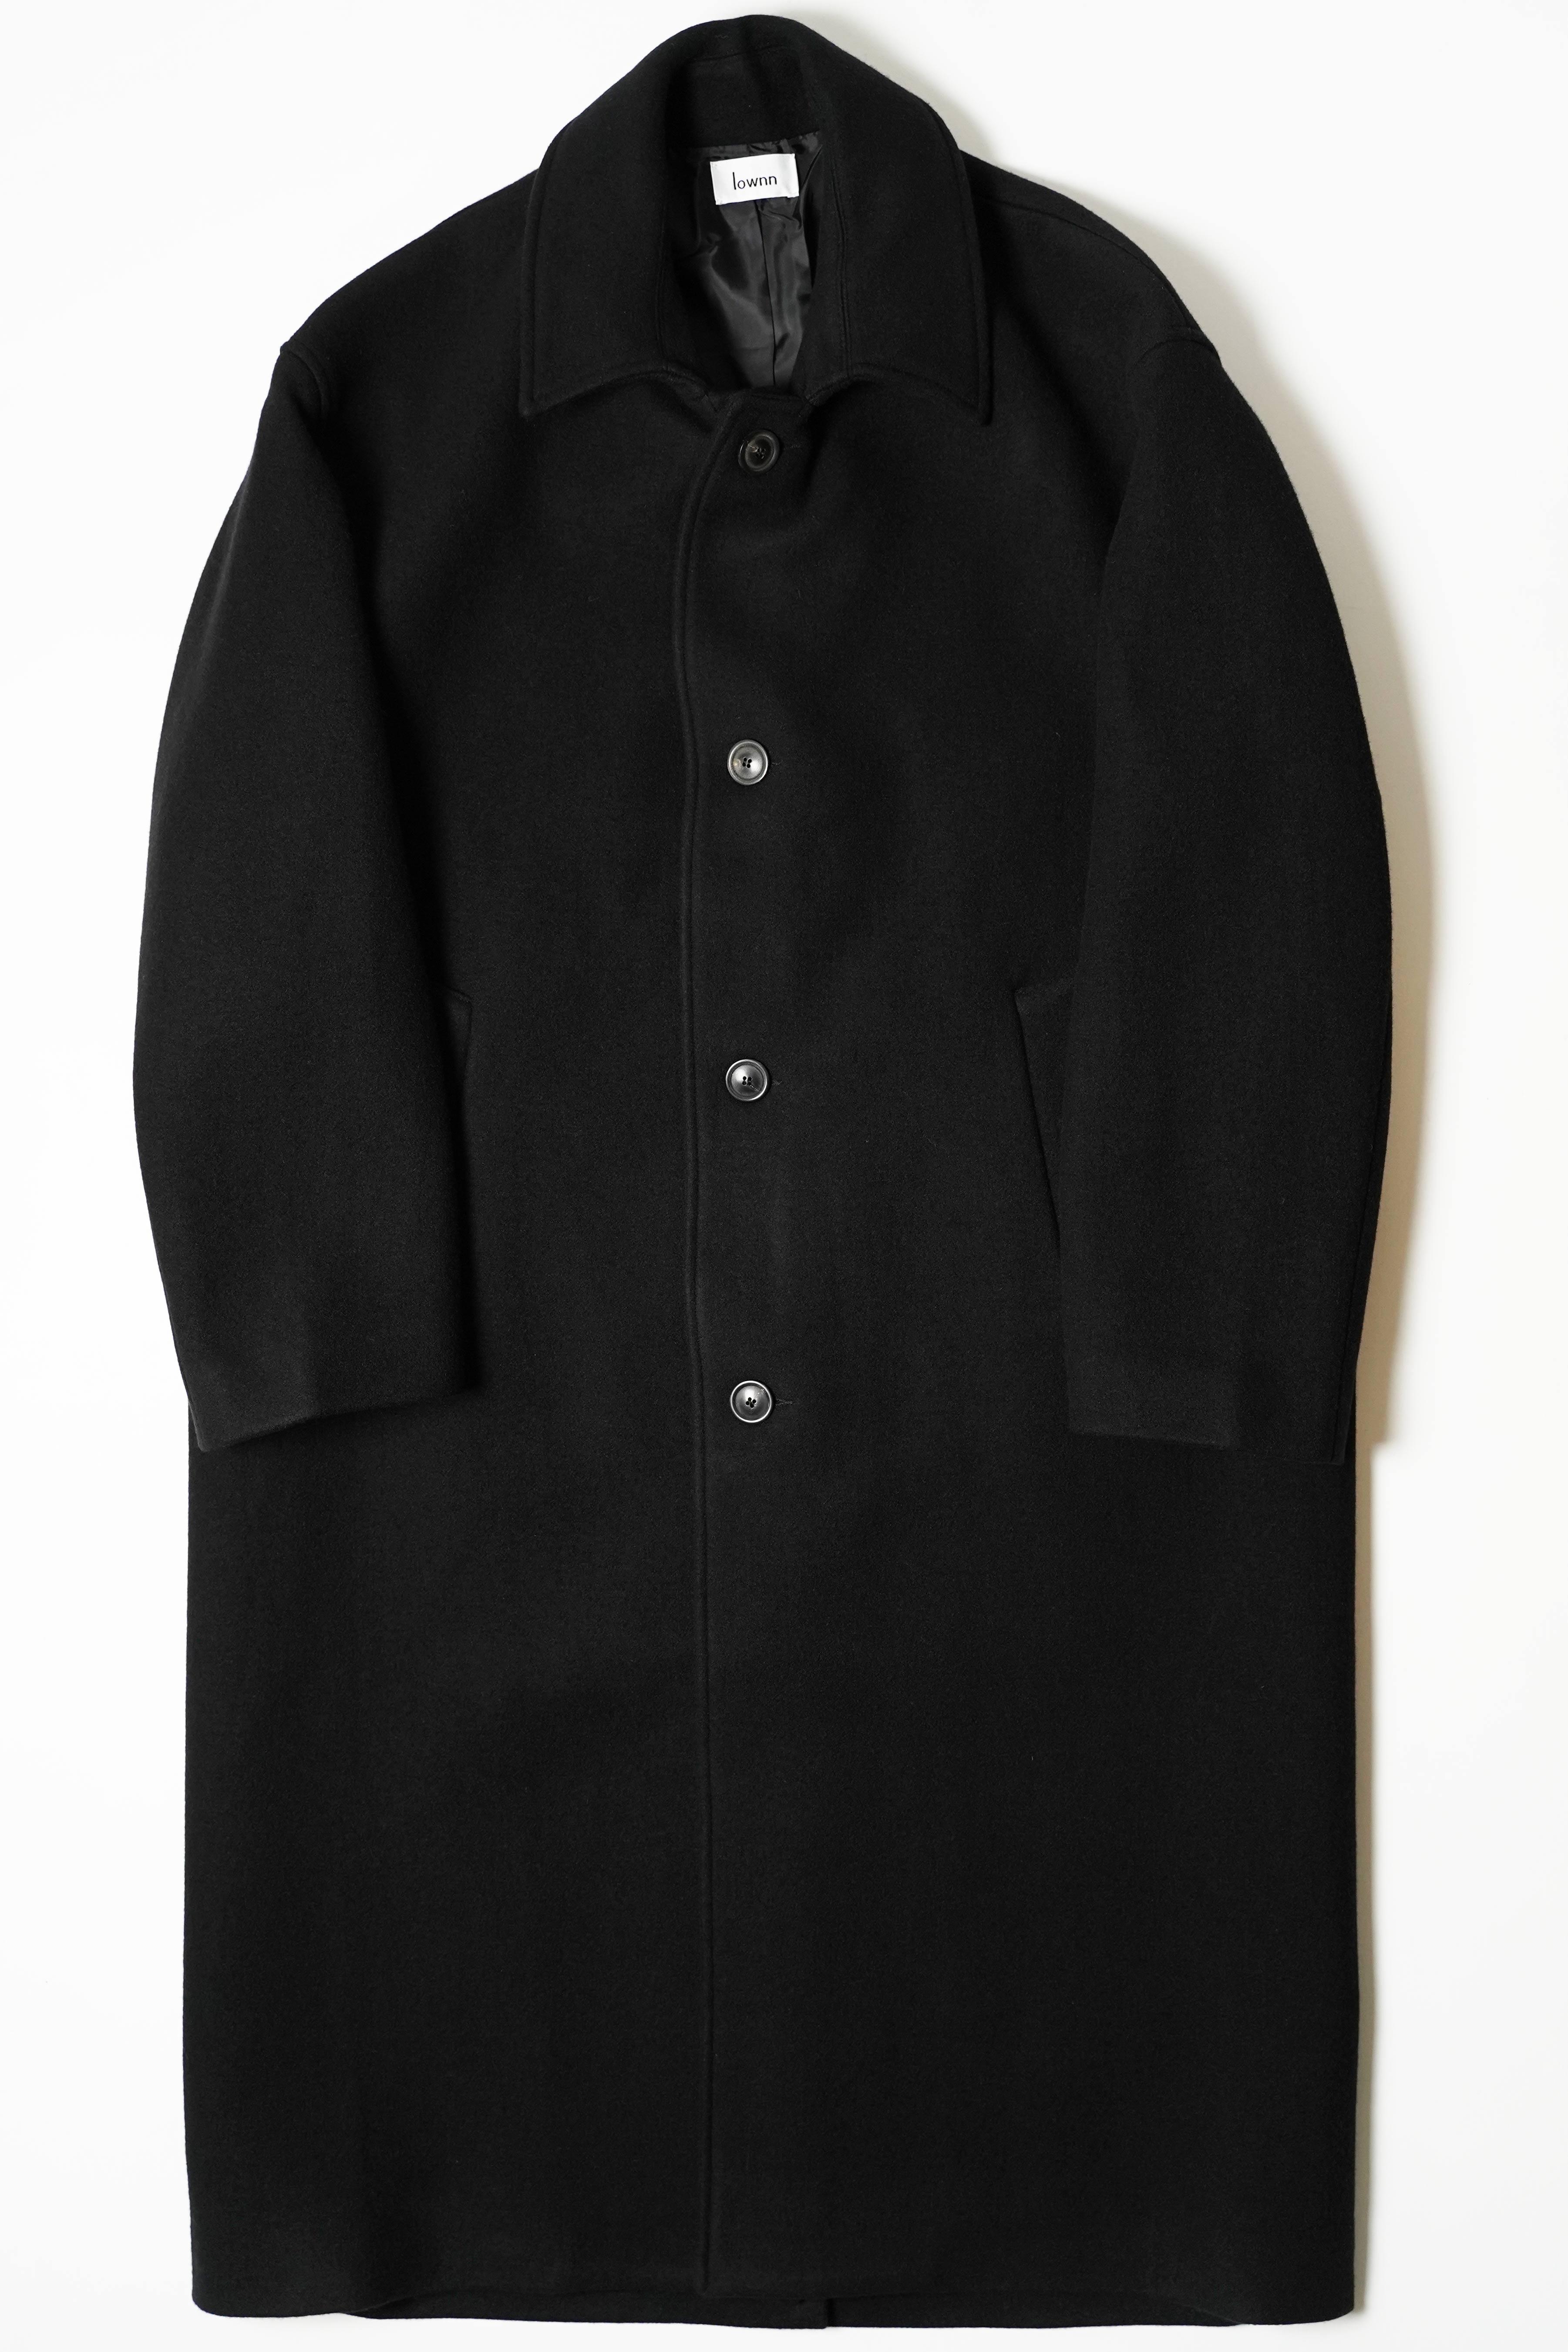 OVER COAT BLACK